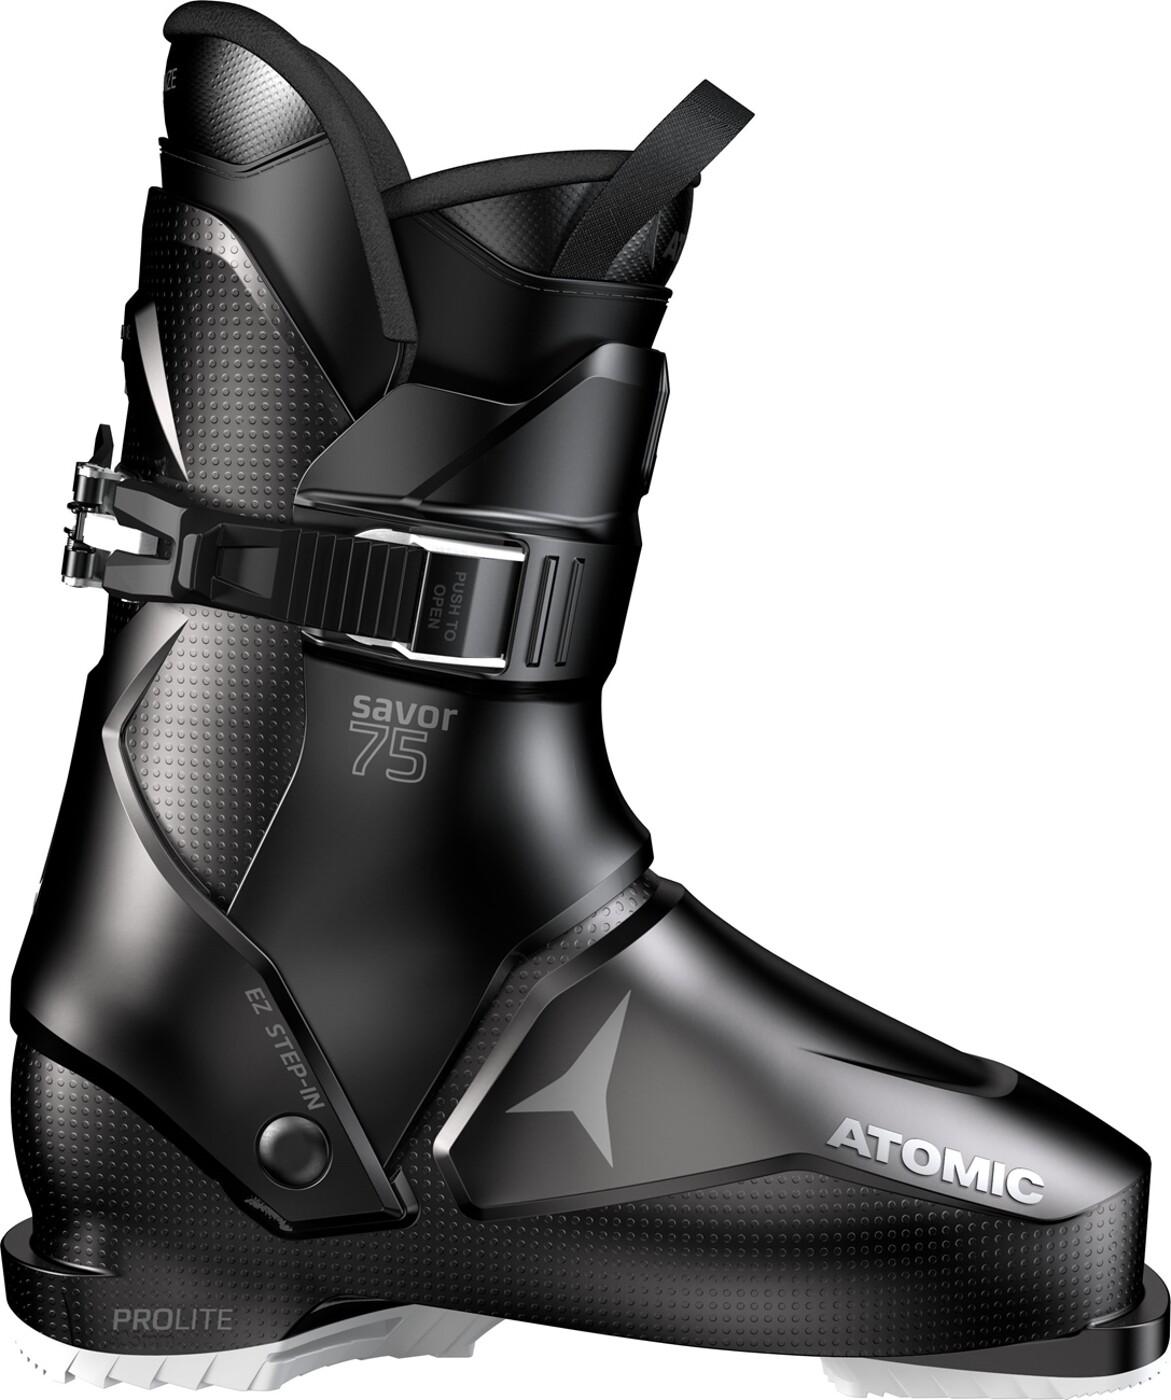 Skischuh SAVOR R70 W Black/Silver Atomic - Damen